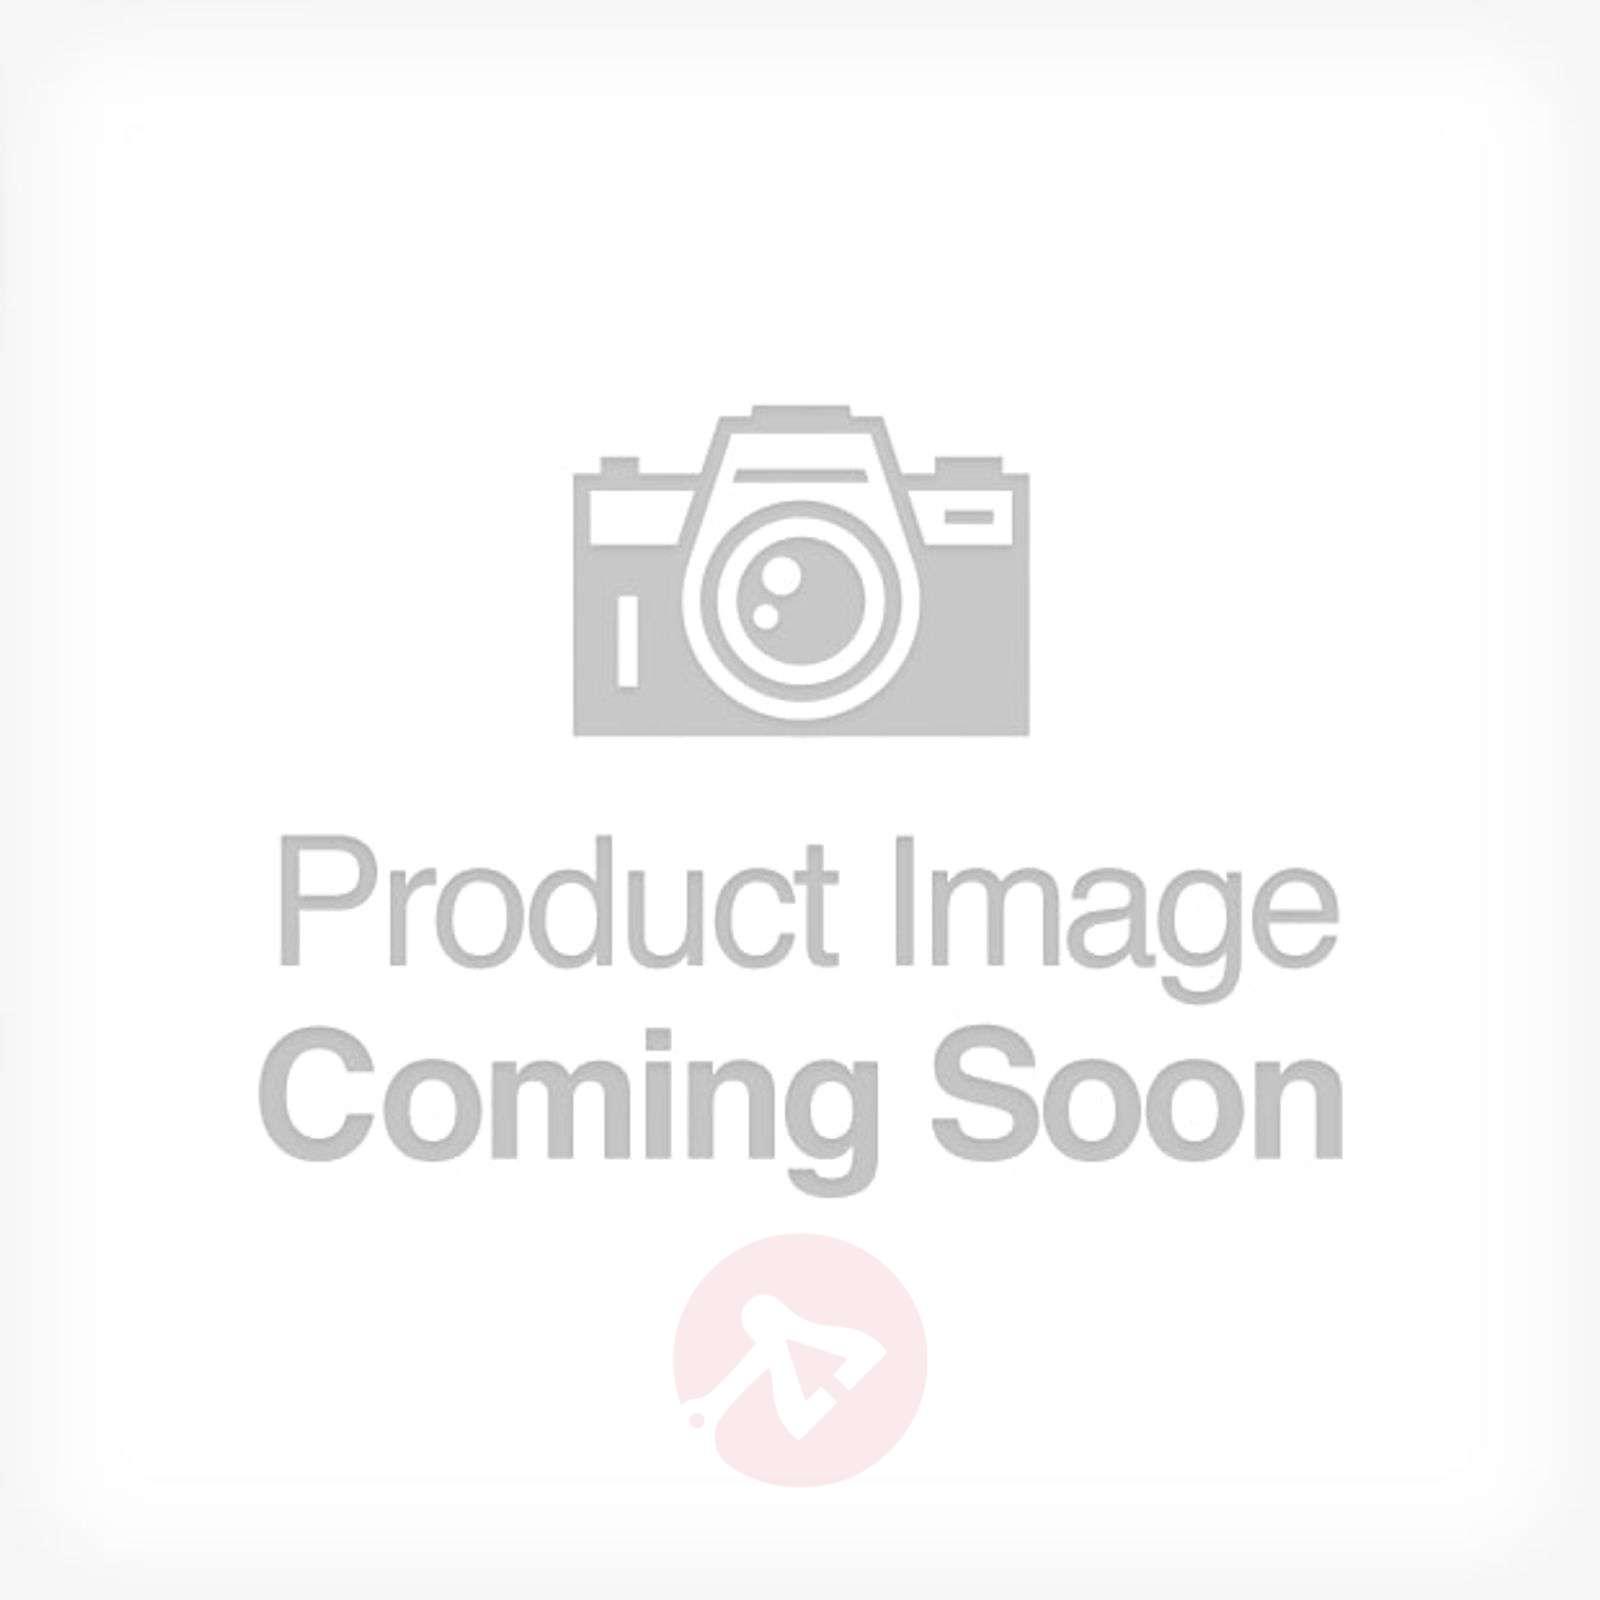 Kankainen kuu-aiheinen Bio-kattovalaisin, 80 cm-1069013-01